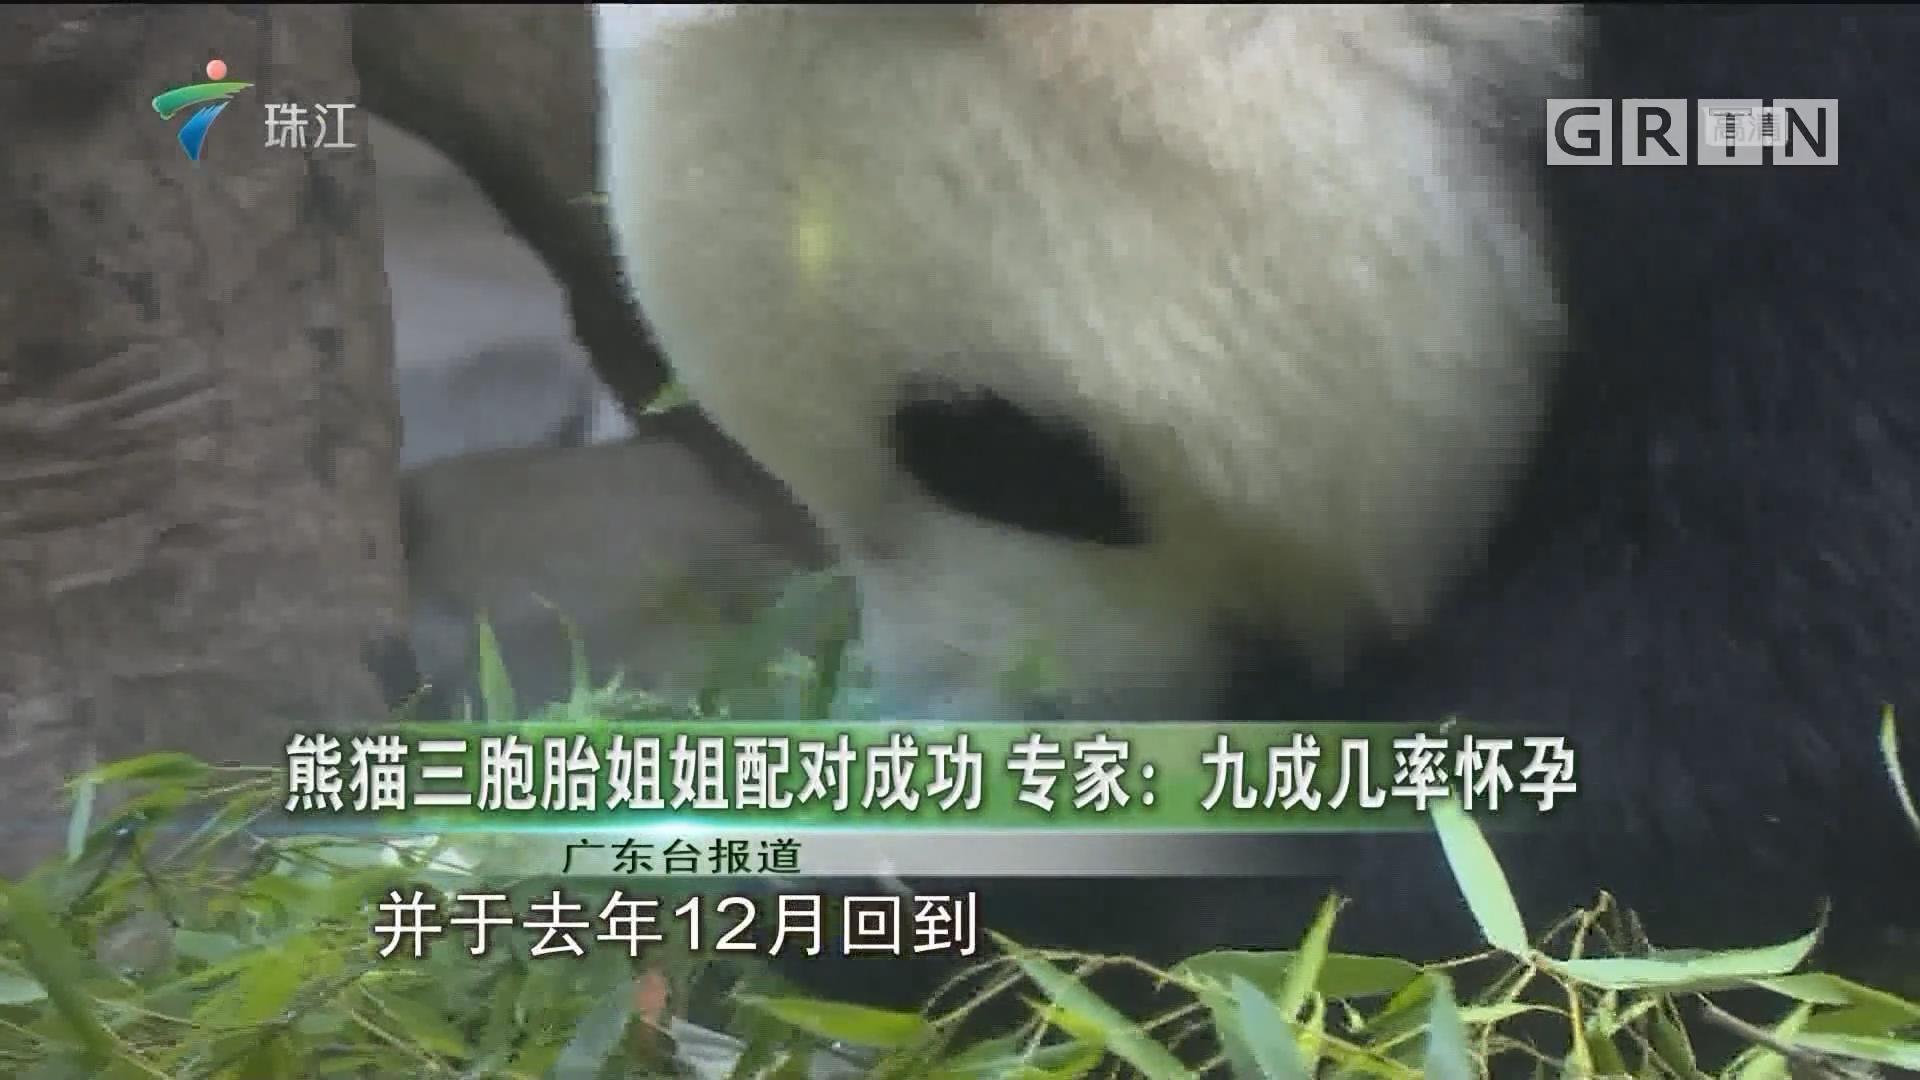 熊猫三胞胎姐姐配对成功 专家:九成几率怀孕